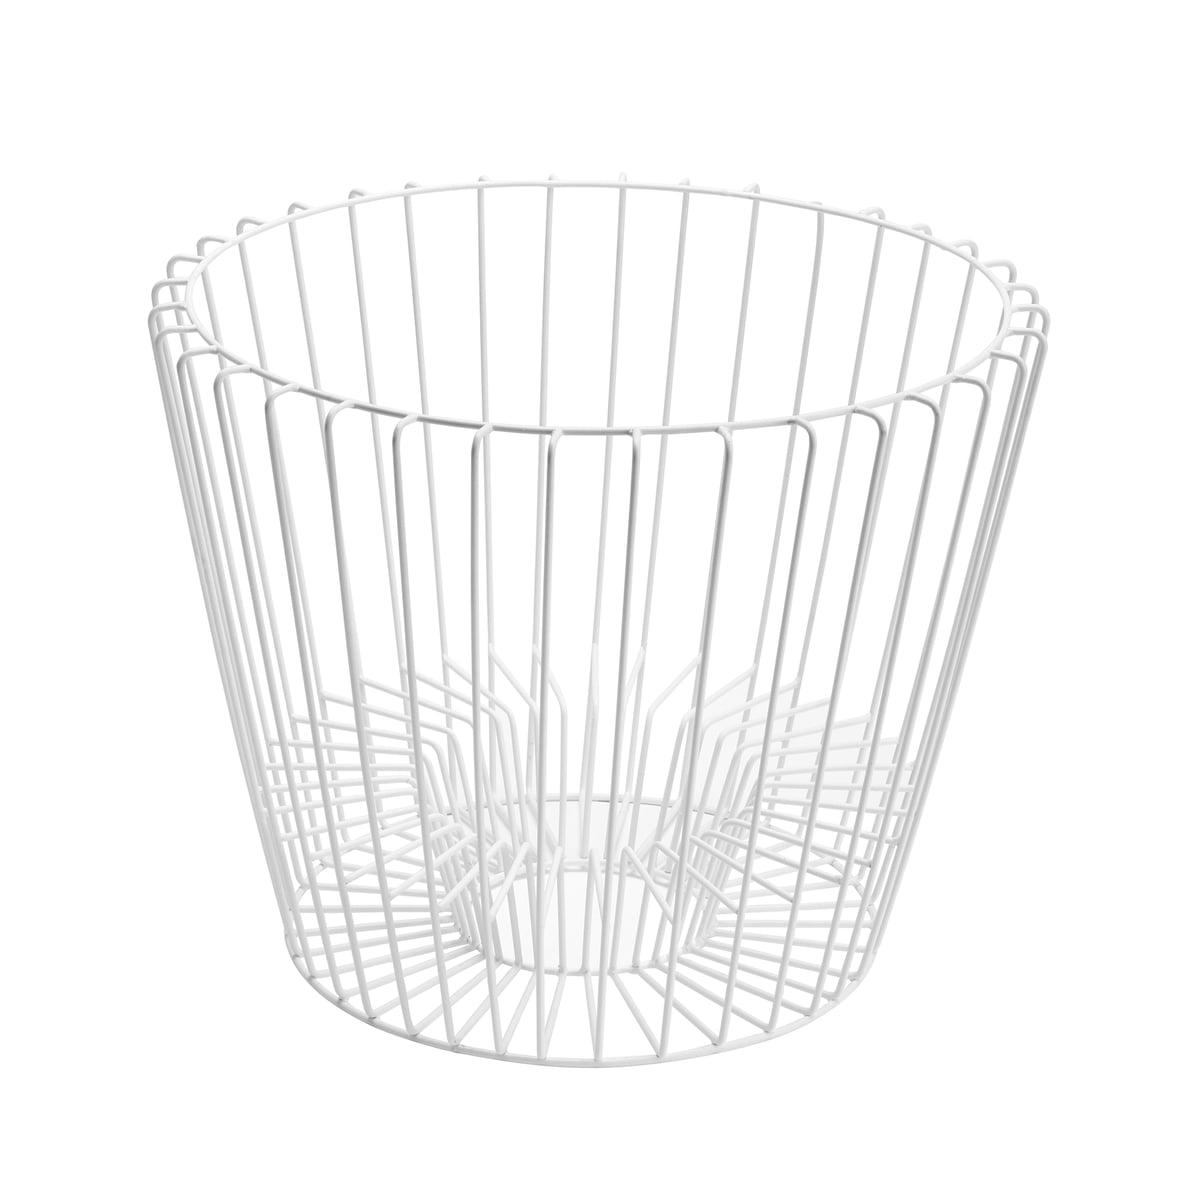 Hartô - Rahmen für Ernest Tisch und Zeitschriftenhalter, weiß (RAL 9016) | Dekoration > Aufbewahrung und Ordnung > Zeitungsständer | Verkehrsweiß (ral 9016) | Hartô